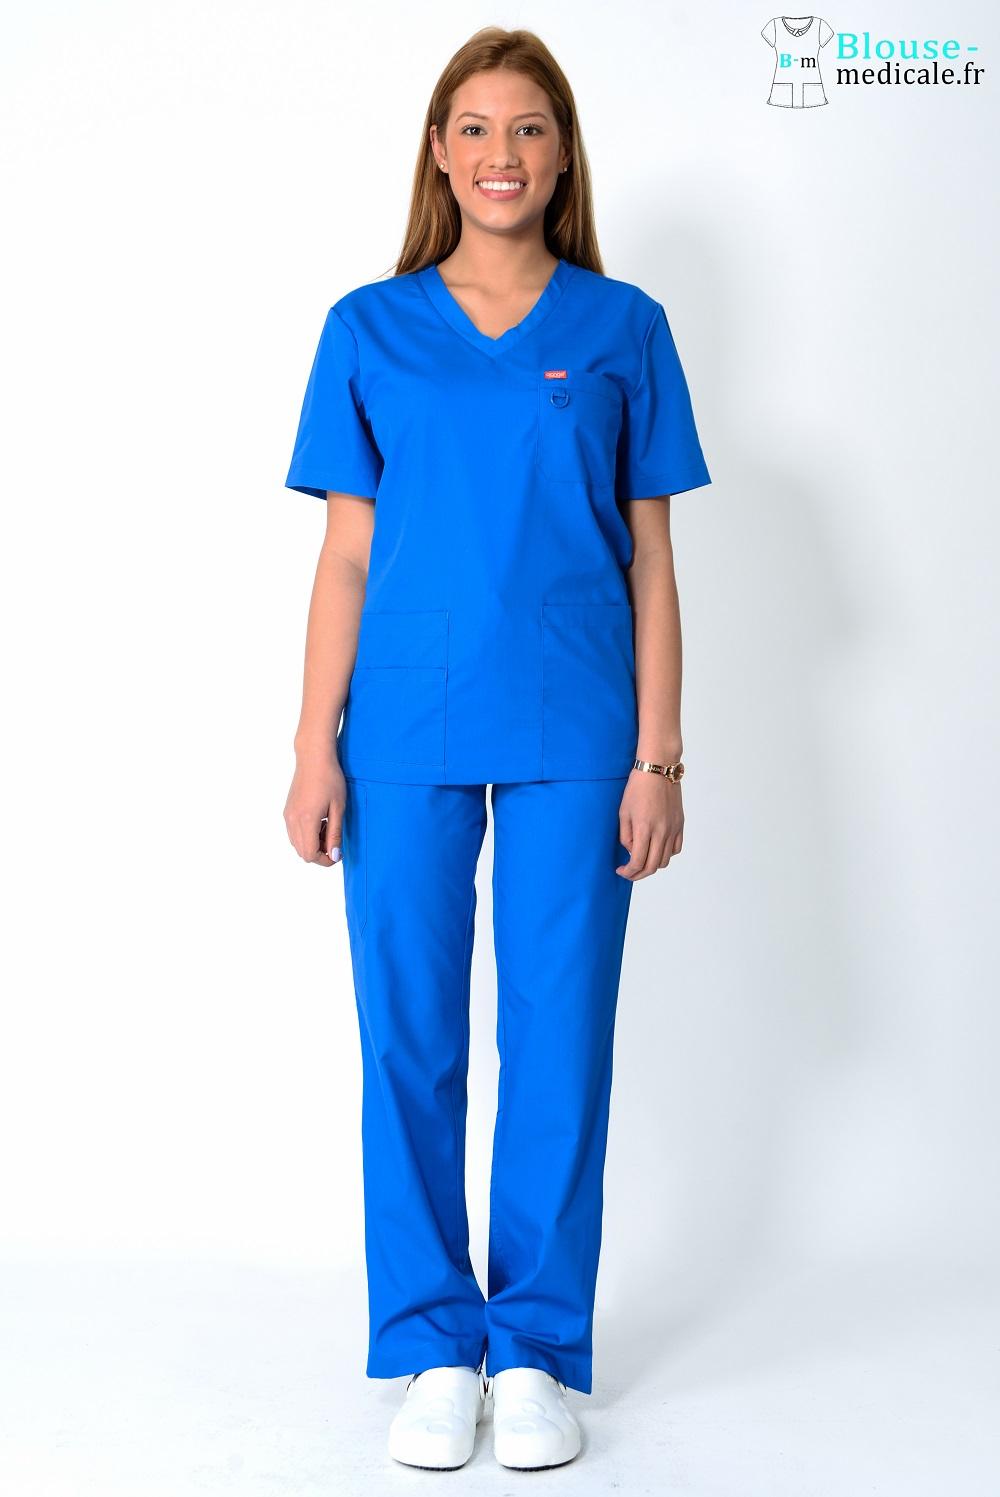 tenue médicale femme orange tenue équipe soignante